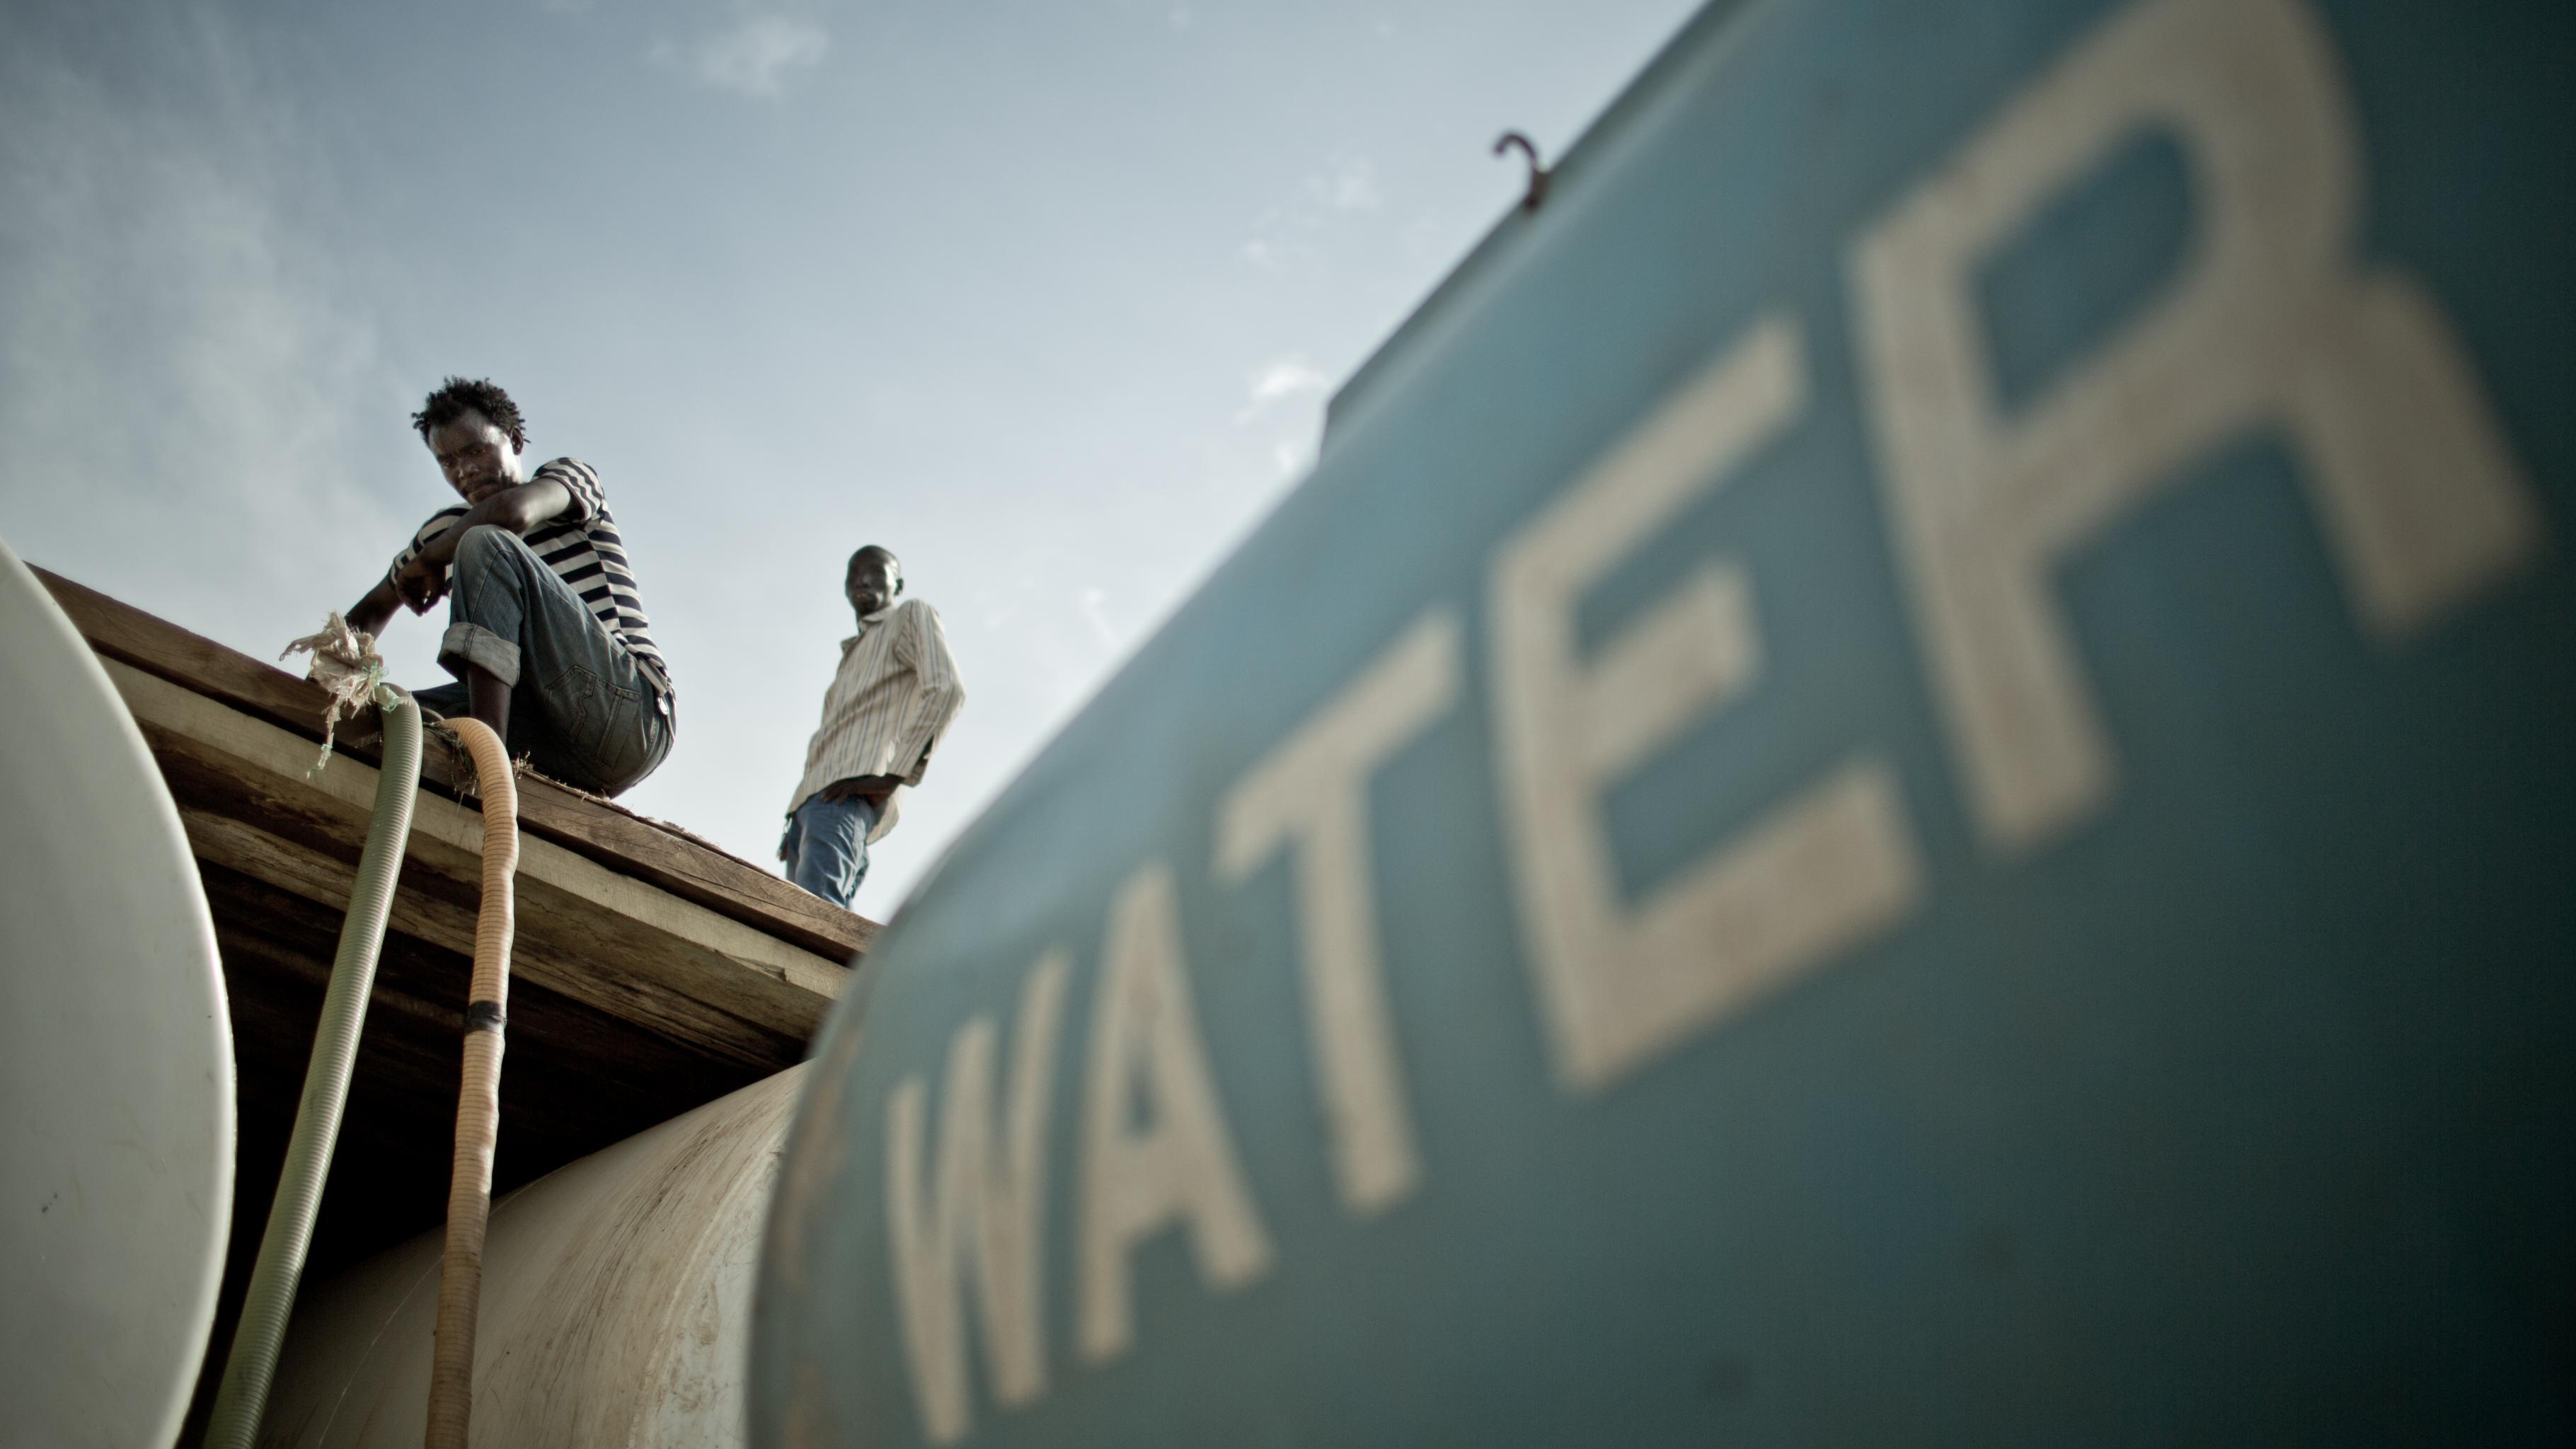 Wasser wird aus einem Wasserwagen gepumpt.